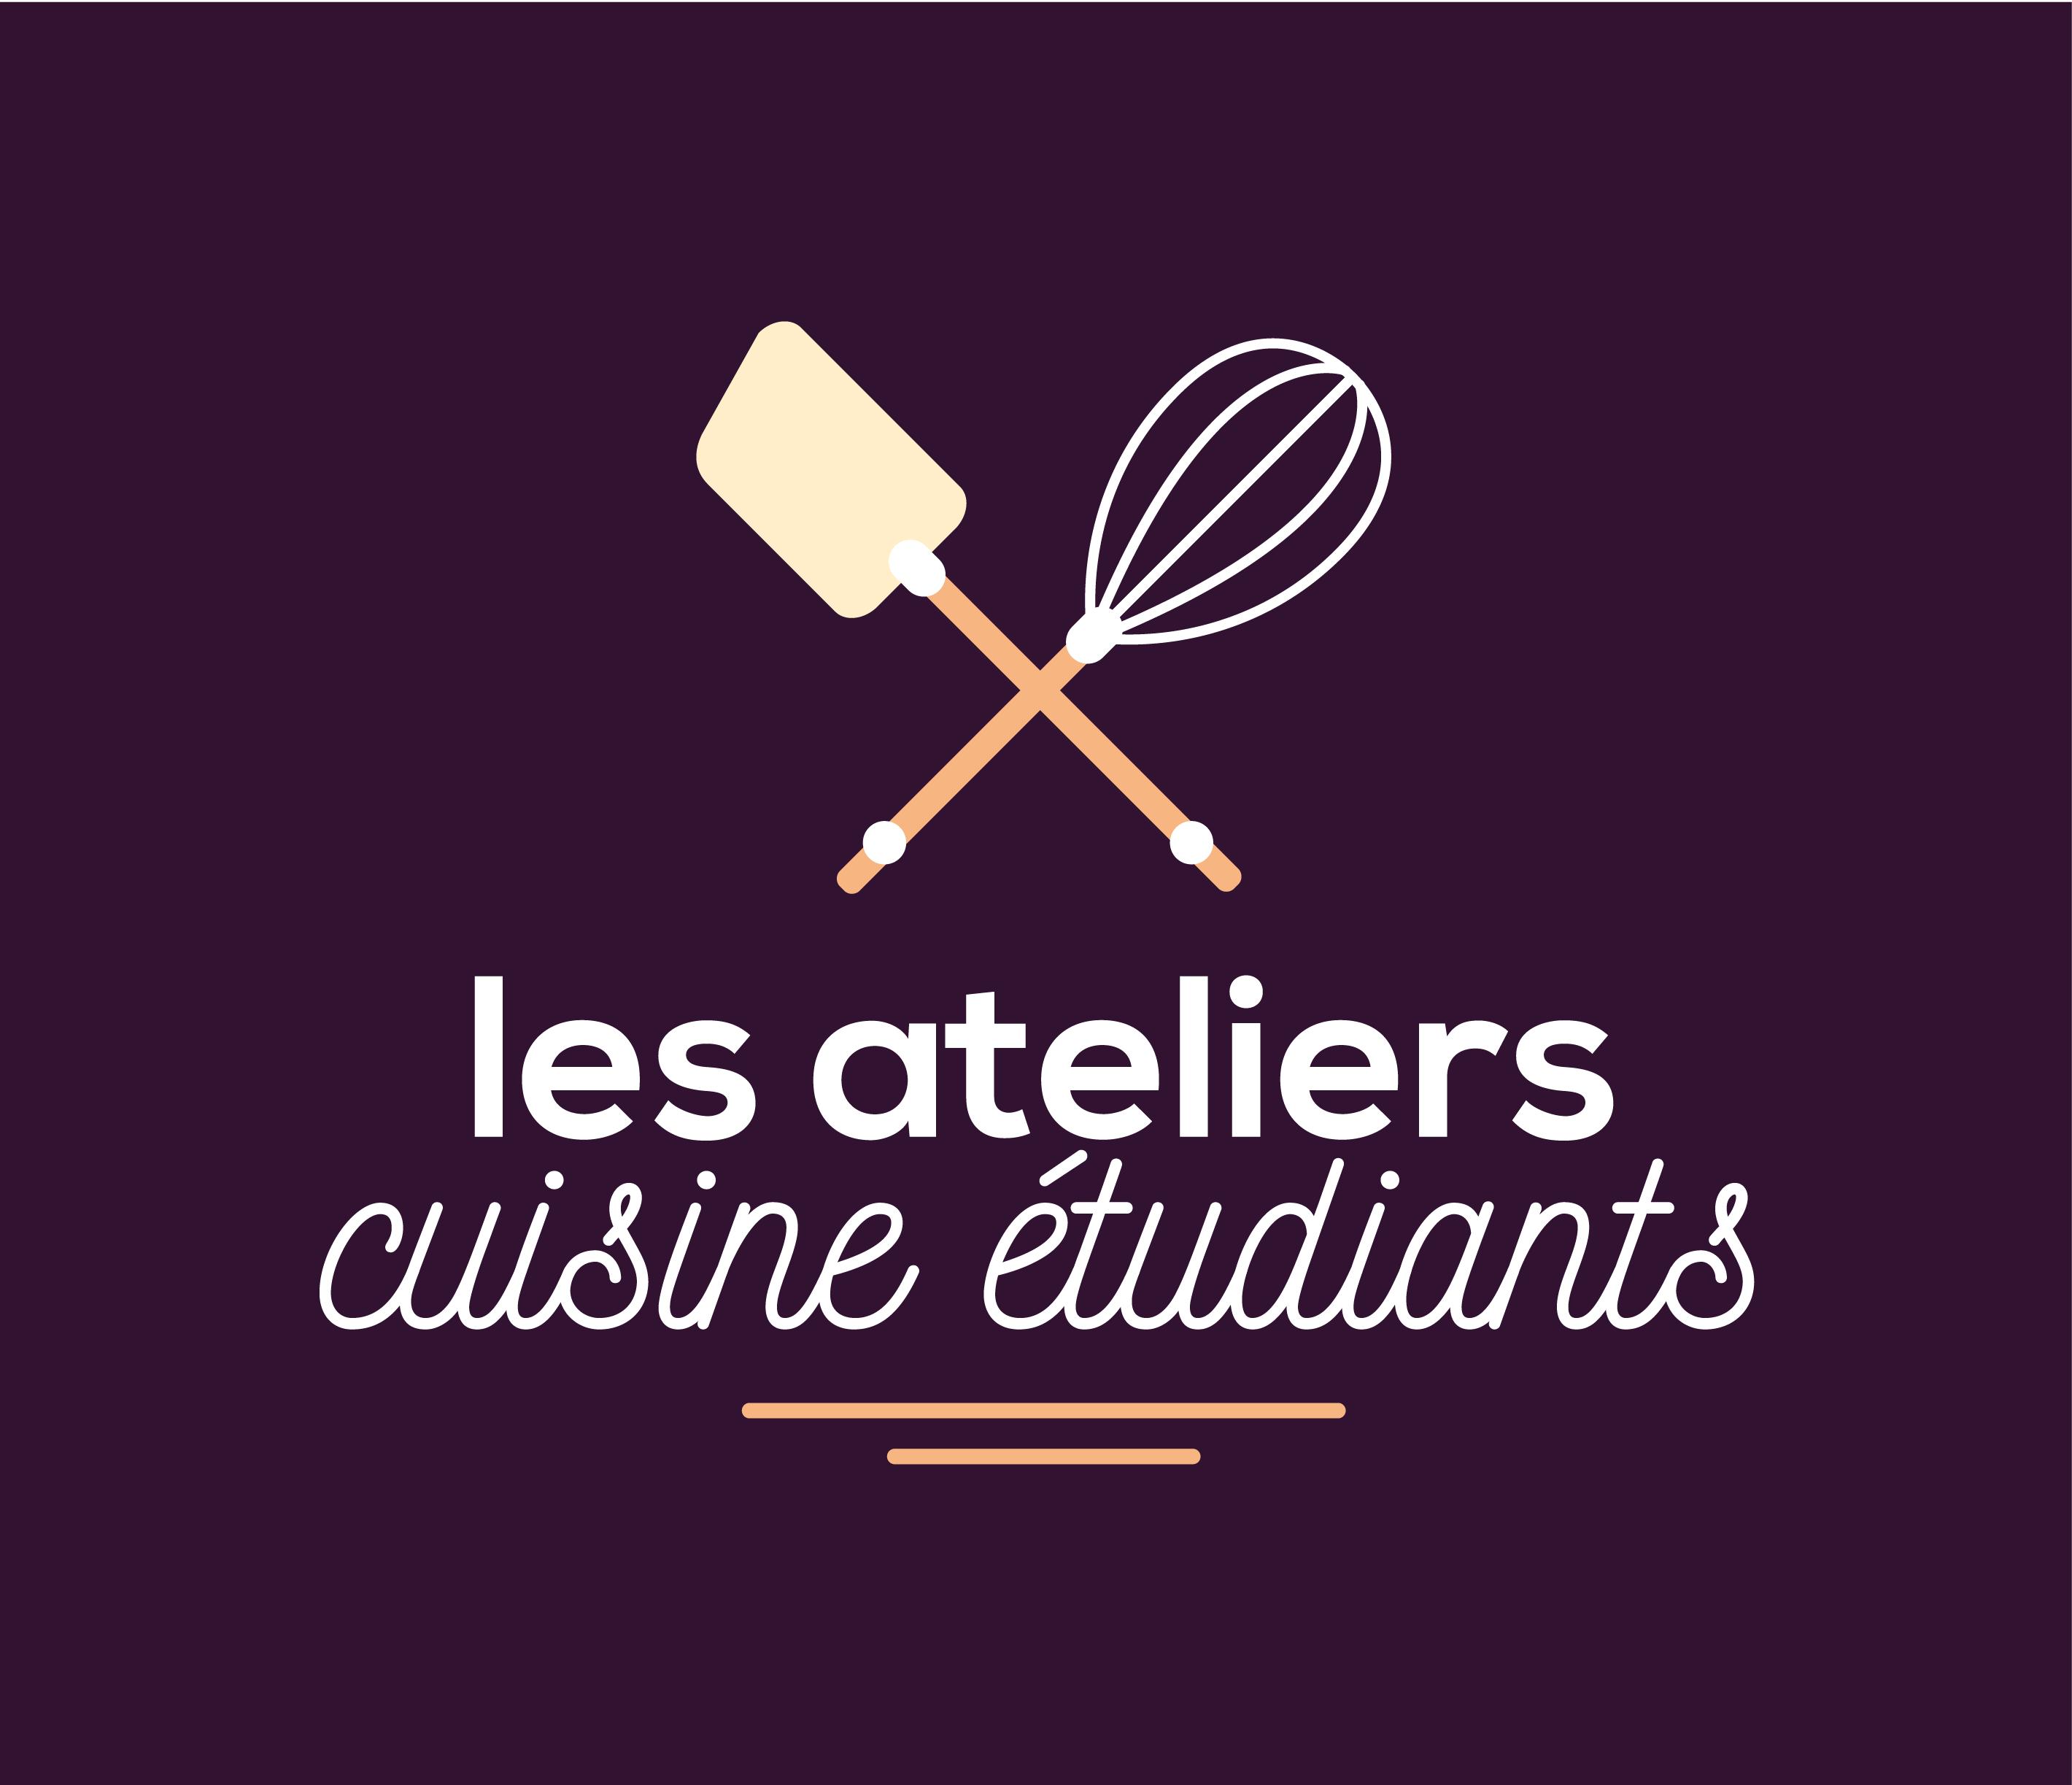 Petitspaniers2018_logo-04